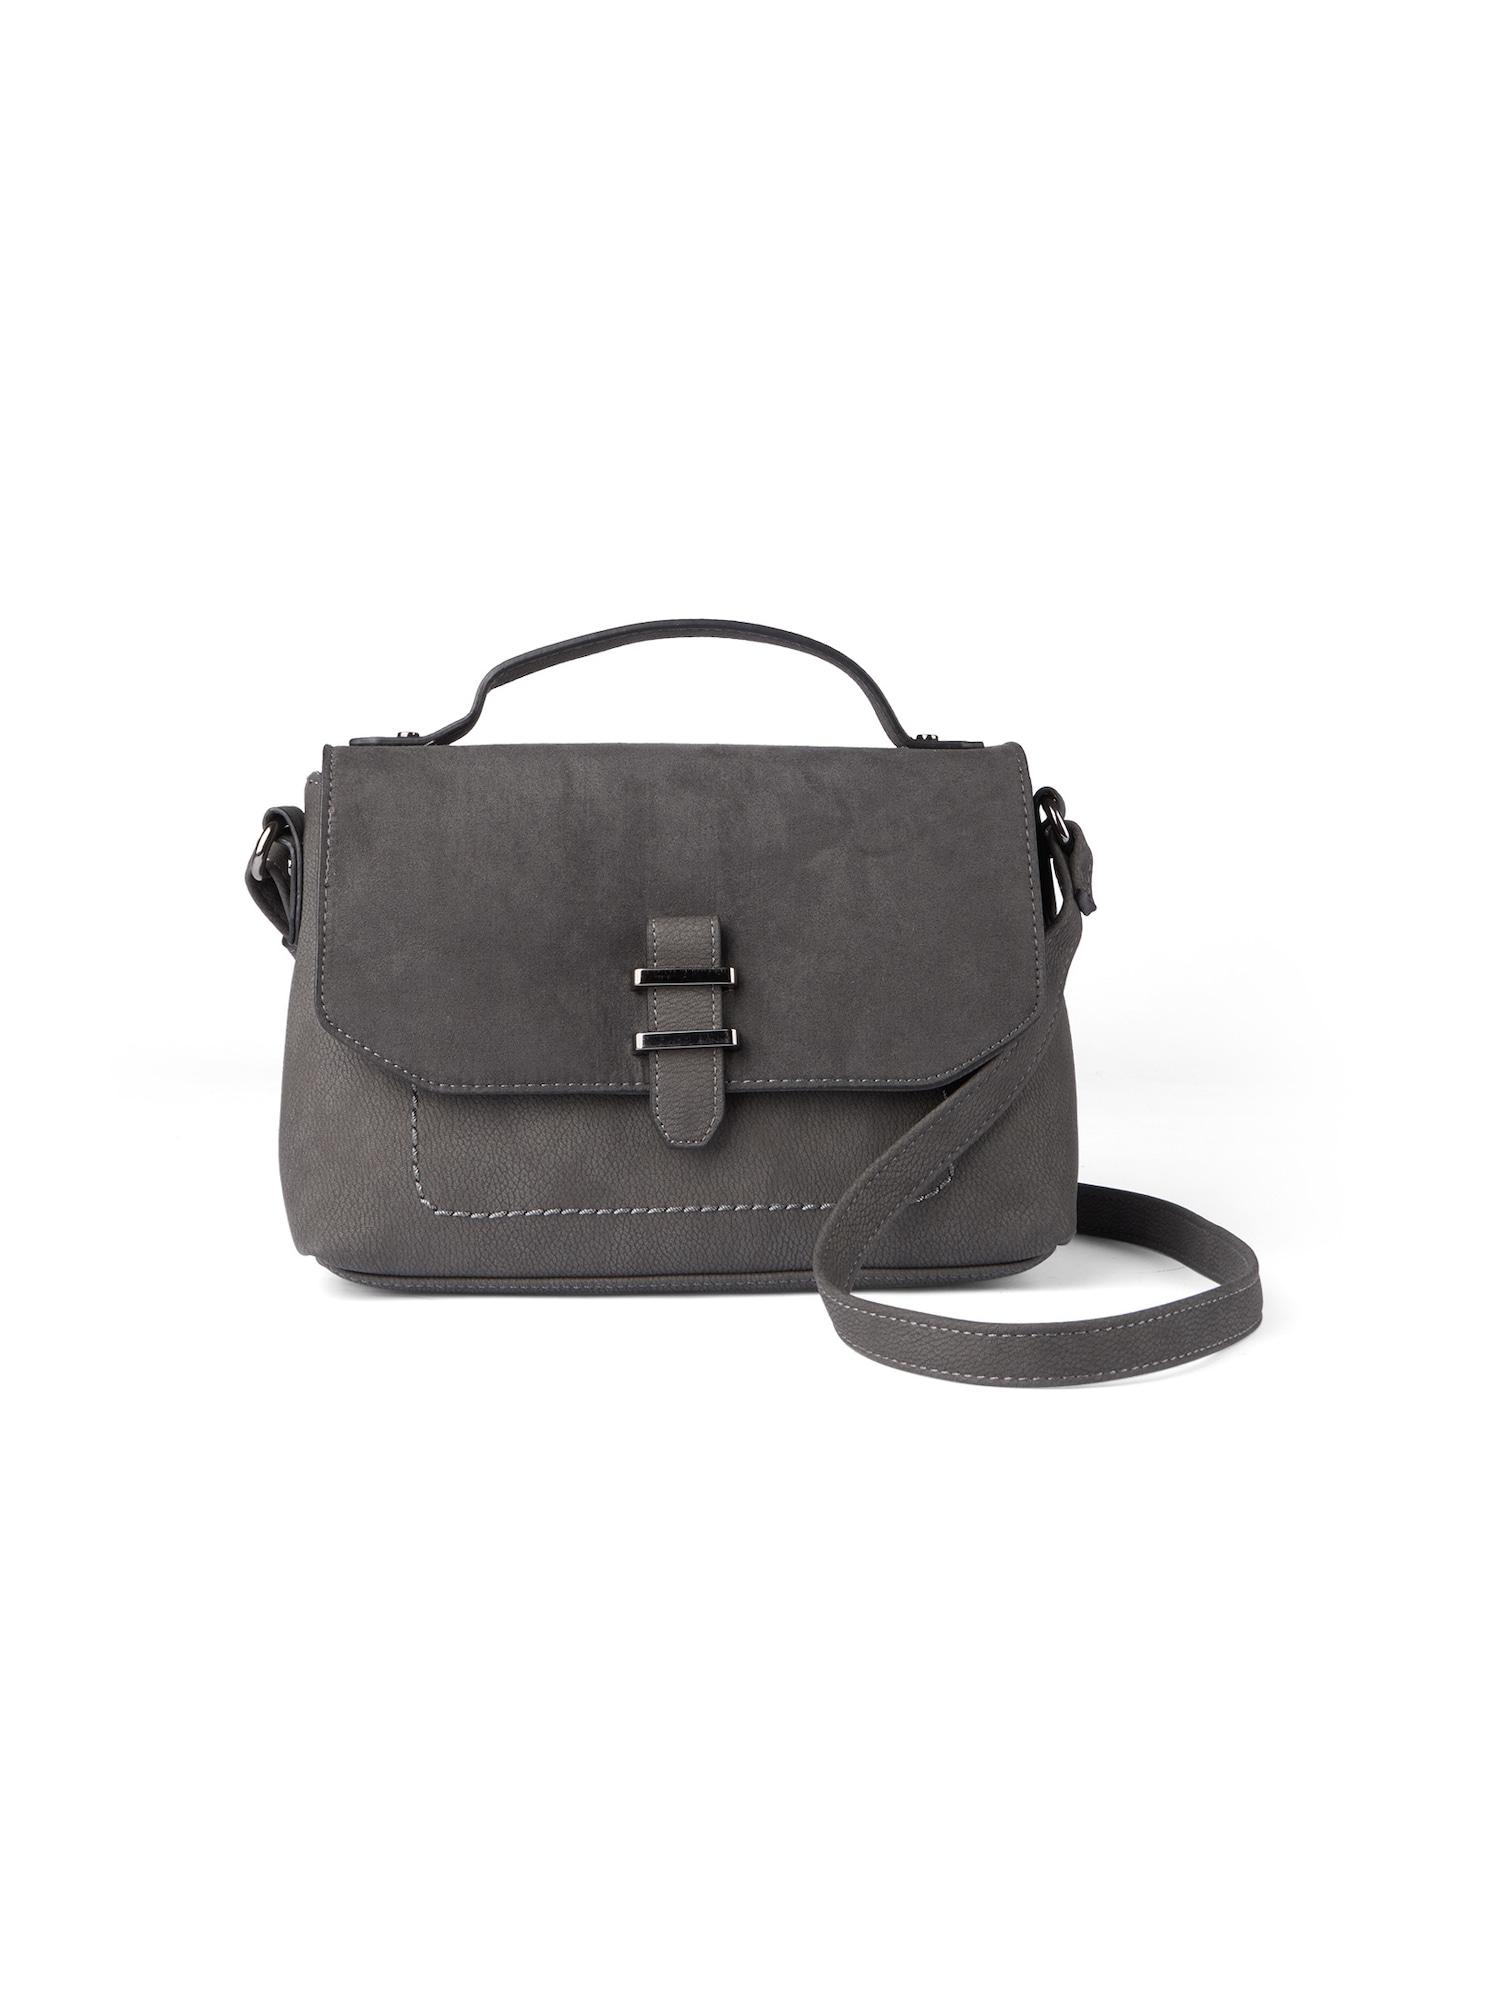 Umhängetasche 'Klara' | Taschen > Handtaschen > Umhängetaschen | Tom Tailor